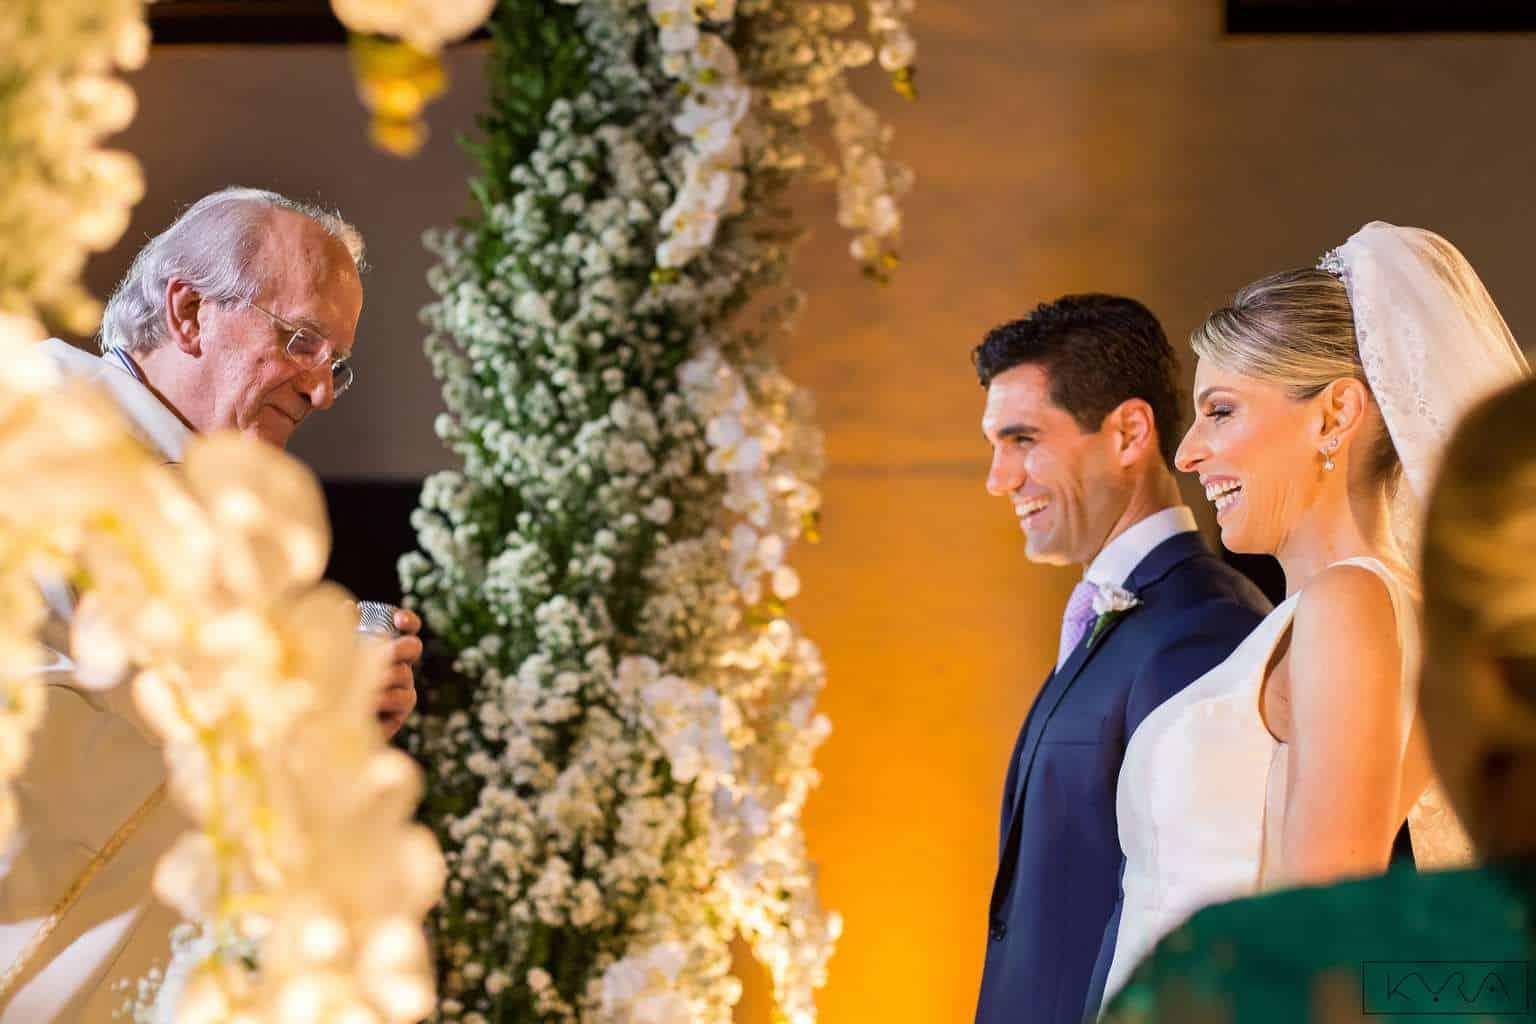 ana-carolina-e-bernardo-Anna-Carolina-Werneck-beleza-da-noiva-casamento-tradicional-Gavea-Golf-Club-Kyra-Mirsky-making-of-mini-wedding-verde-e-rosa-casamento-60